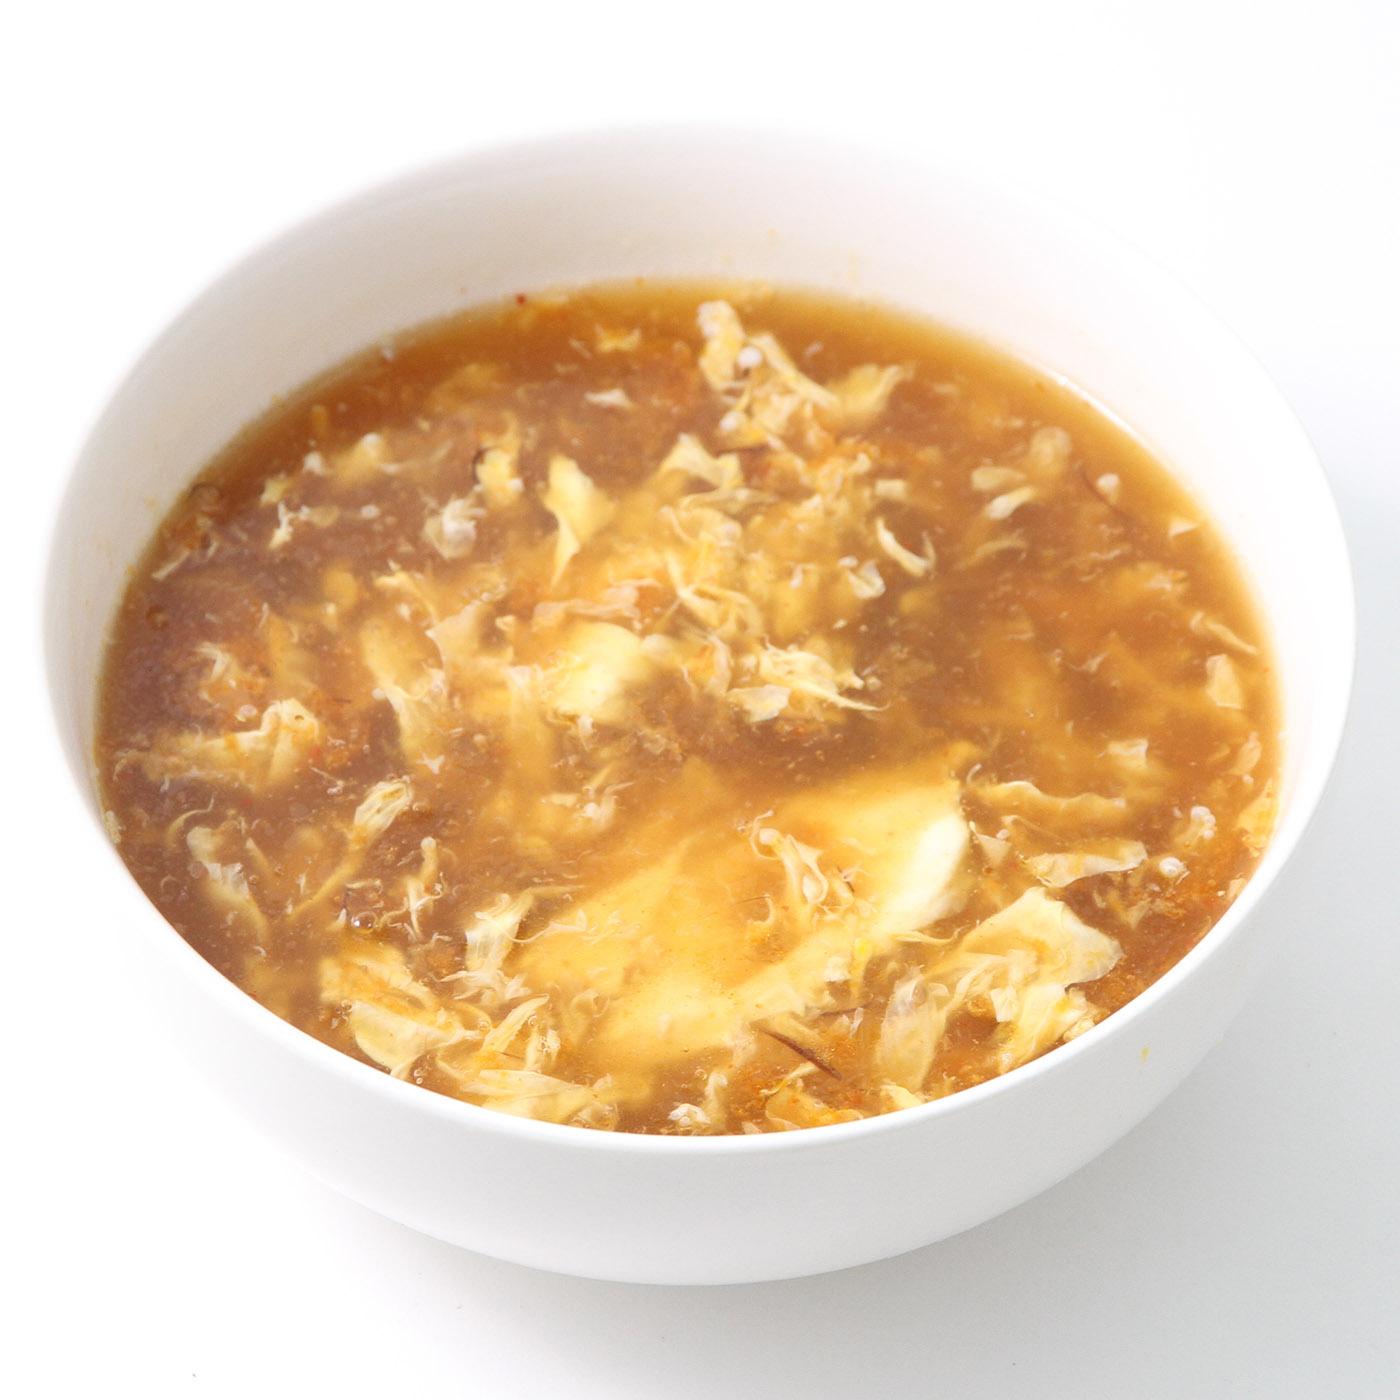 器に入ったふかひれスープ四川風